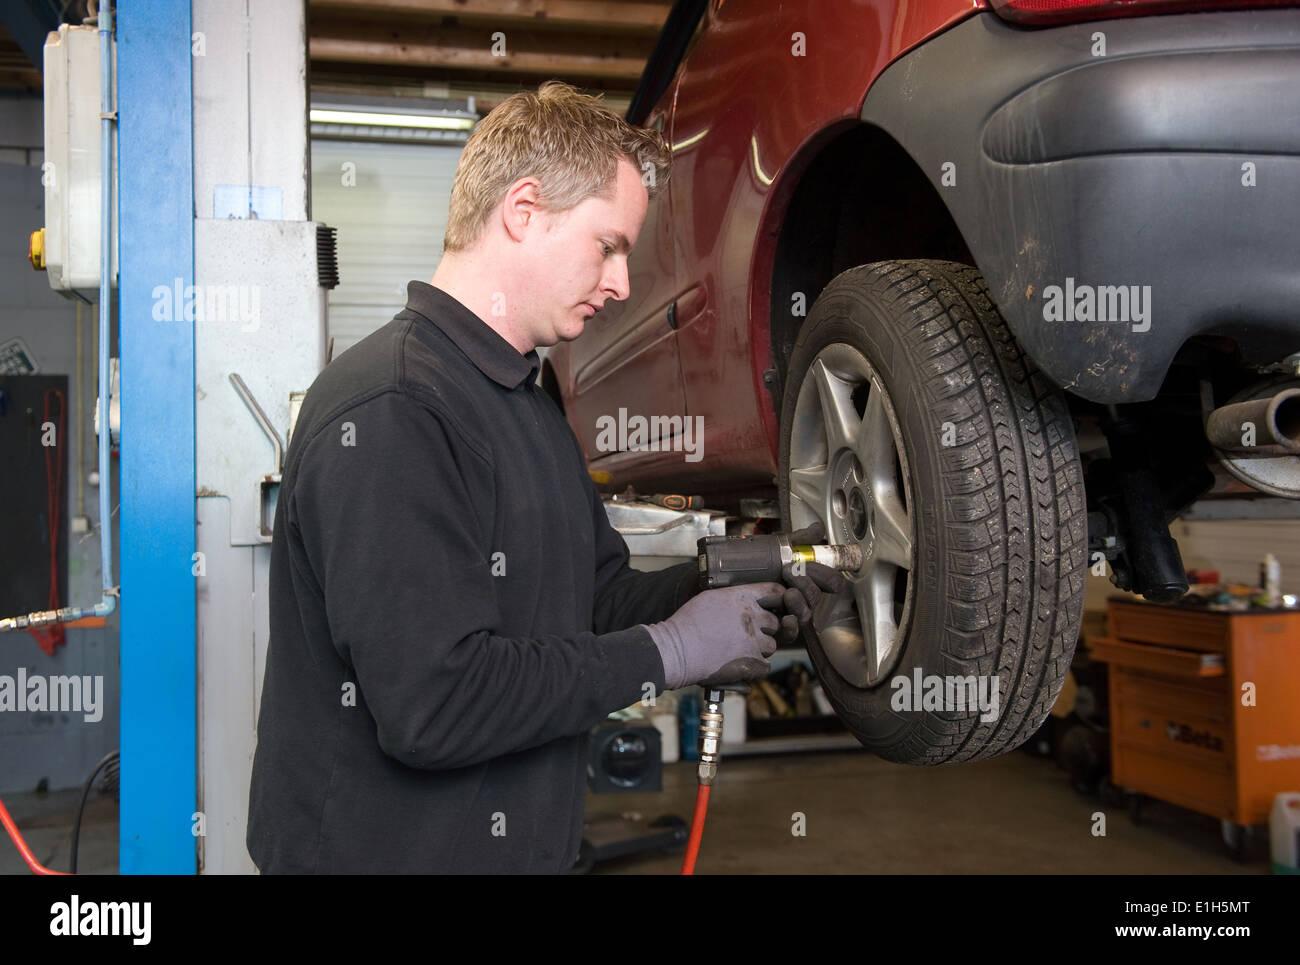 Un meccanico sta lavorando sulla ruota di una vettura che è sollevata in una riparazione alla stazione di servizio. Immagini Stock